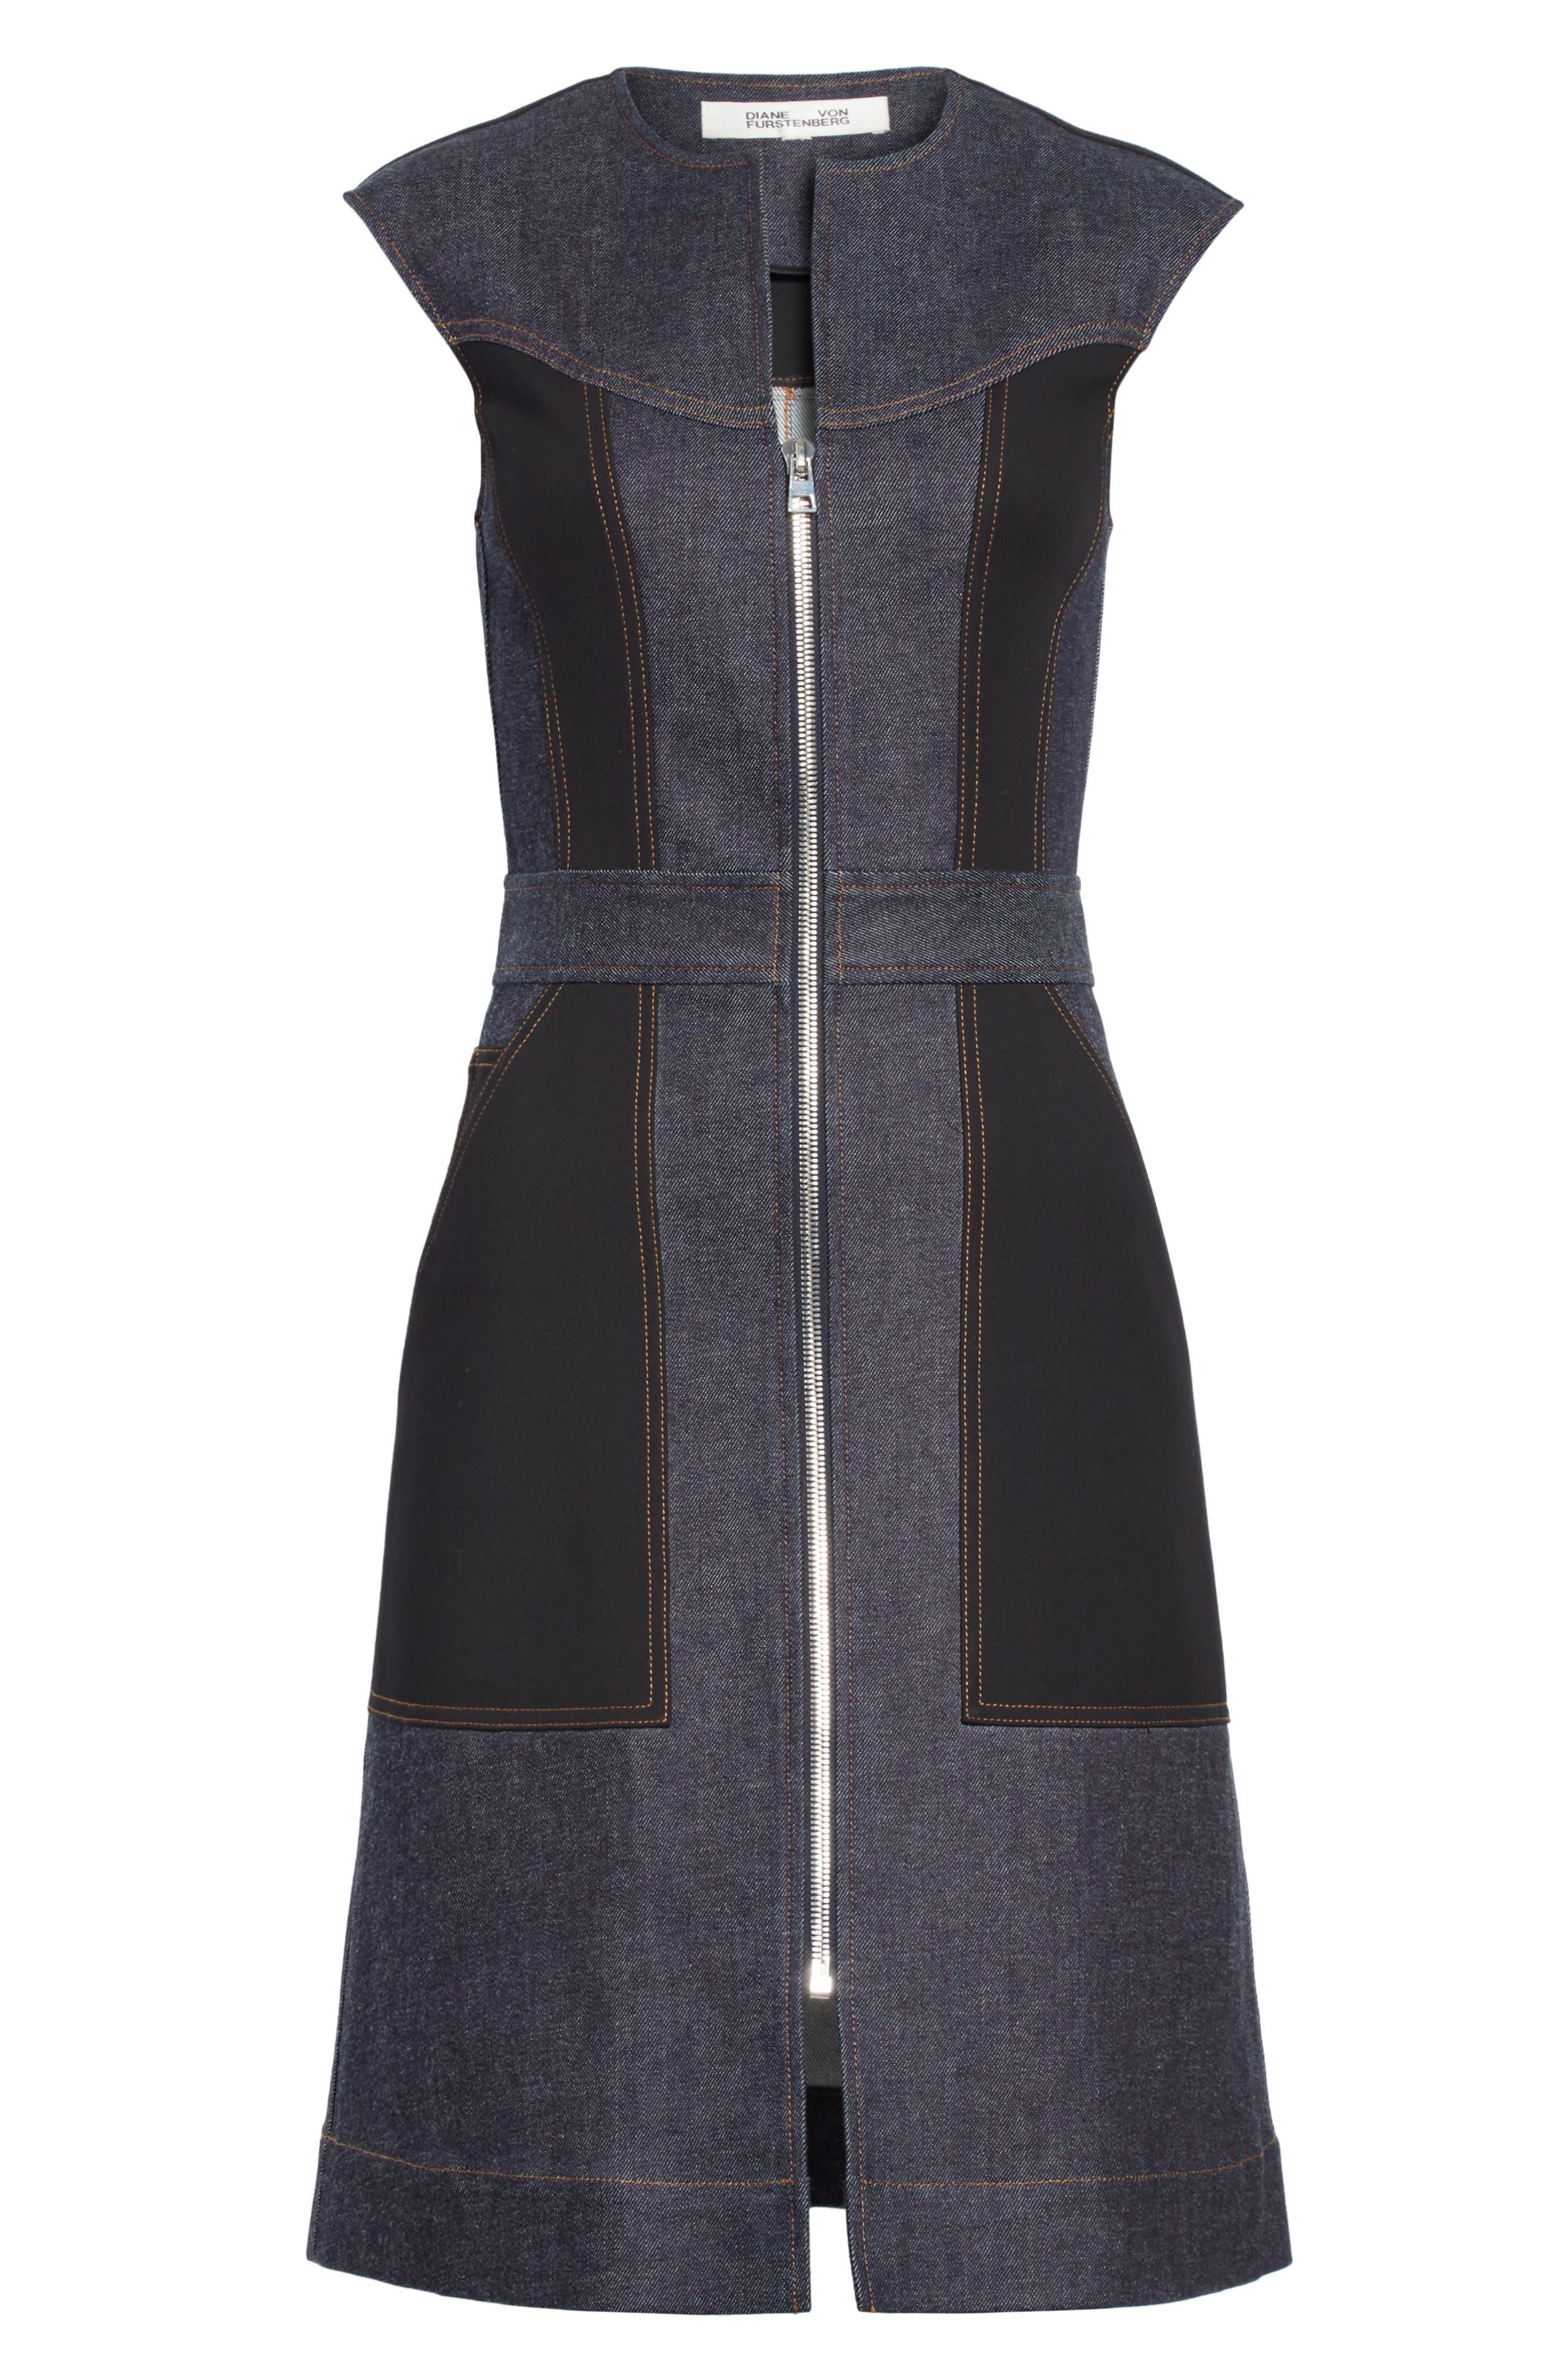 Diane von Furstenberg Front Zip Denim Dress,                             Alternate thumbnail 6, color,                             Indigo/ Black